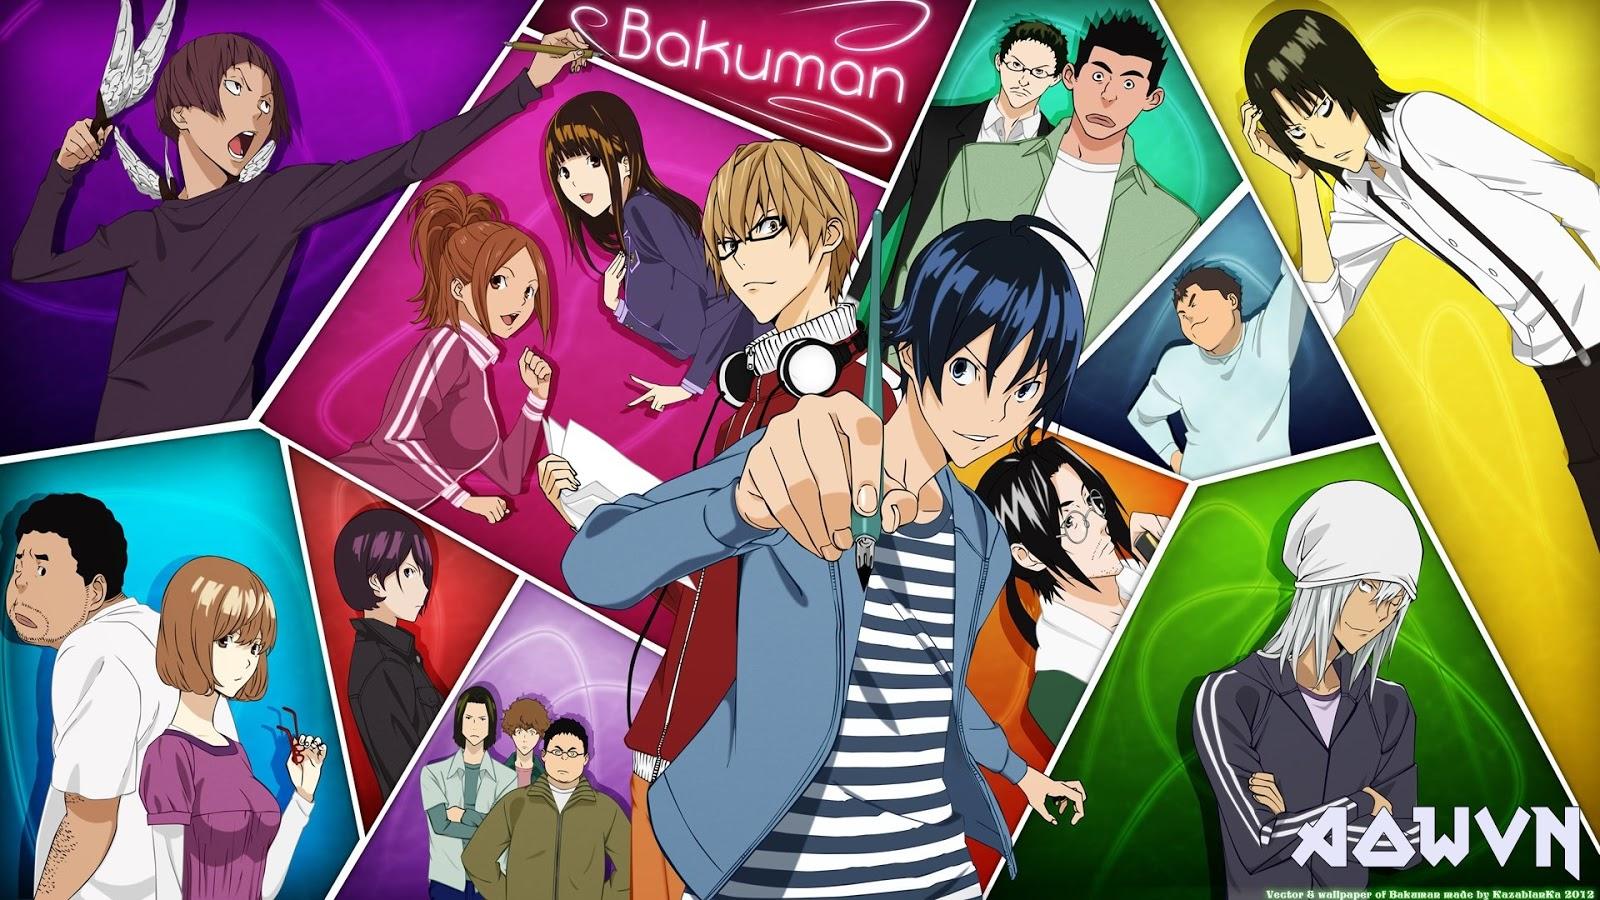 thumb 1920 723801 - [ Anime 3gp Mp4 ] Bakuman SS1 + SS2 + SS3 | Vietsub - Đời thường Tình yêu Siêu hay